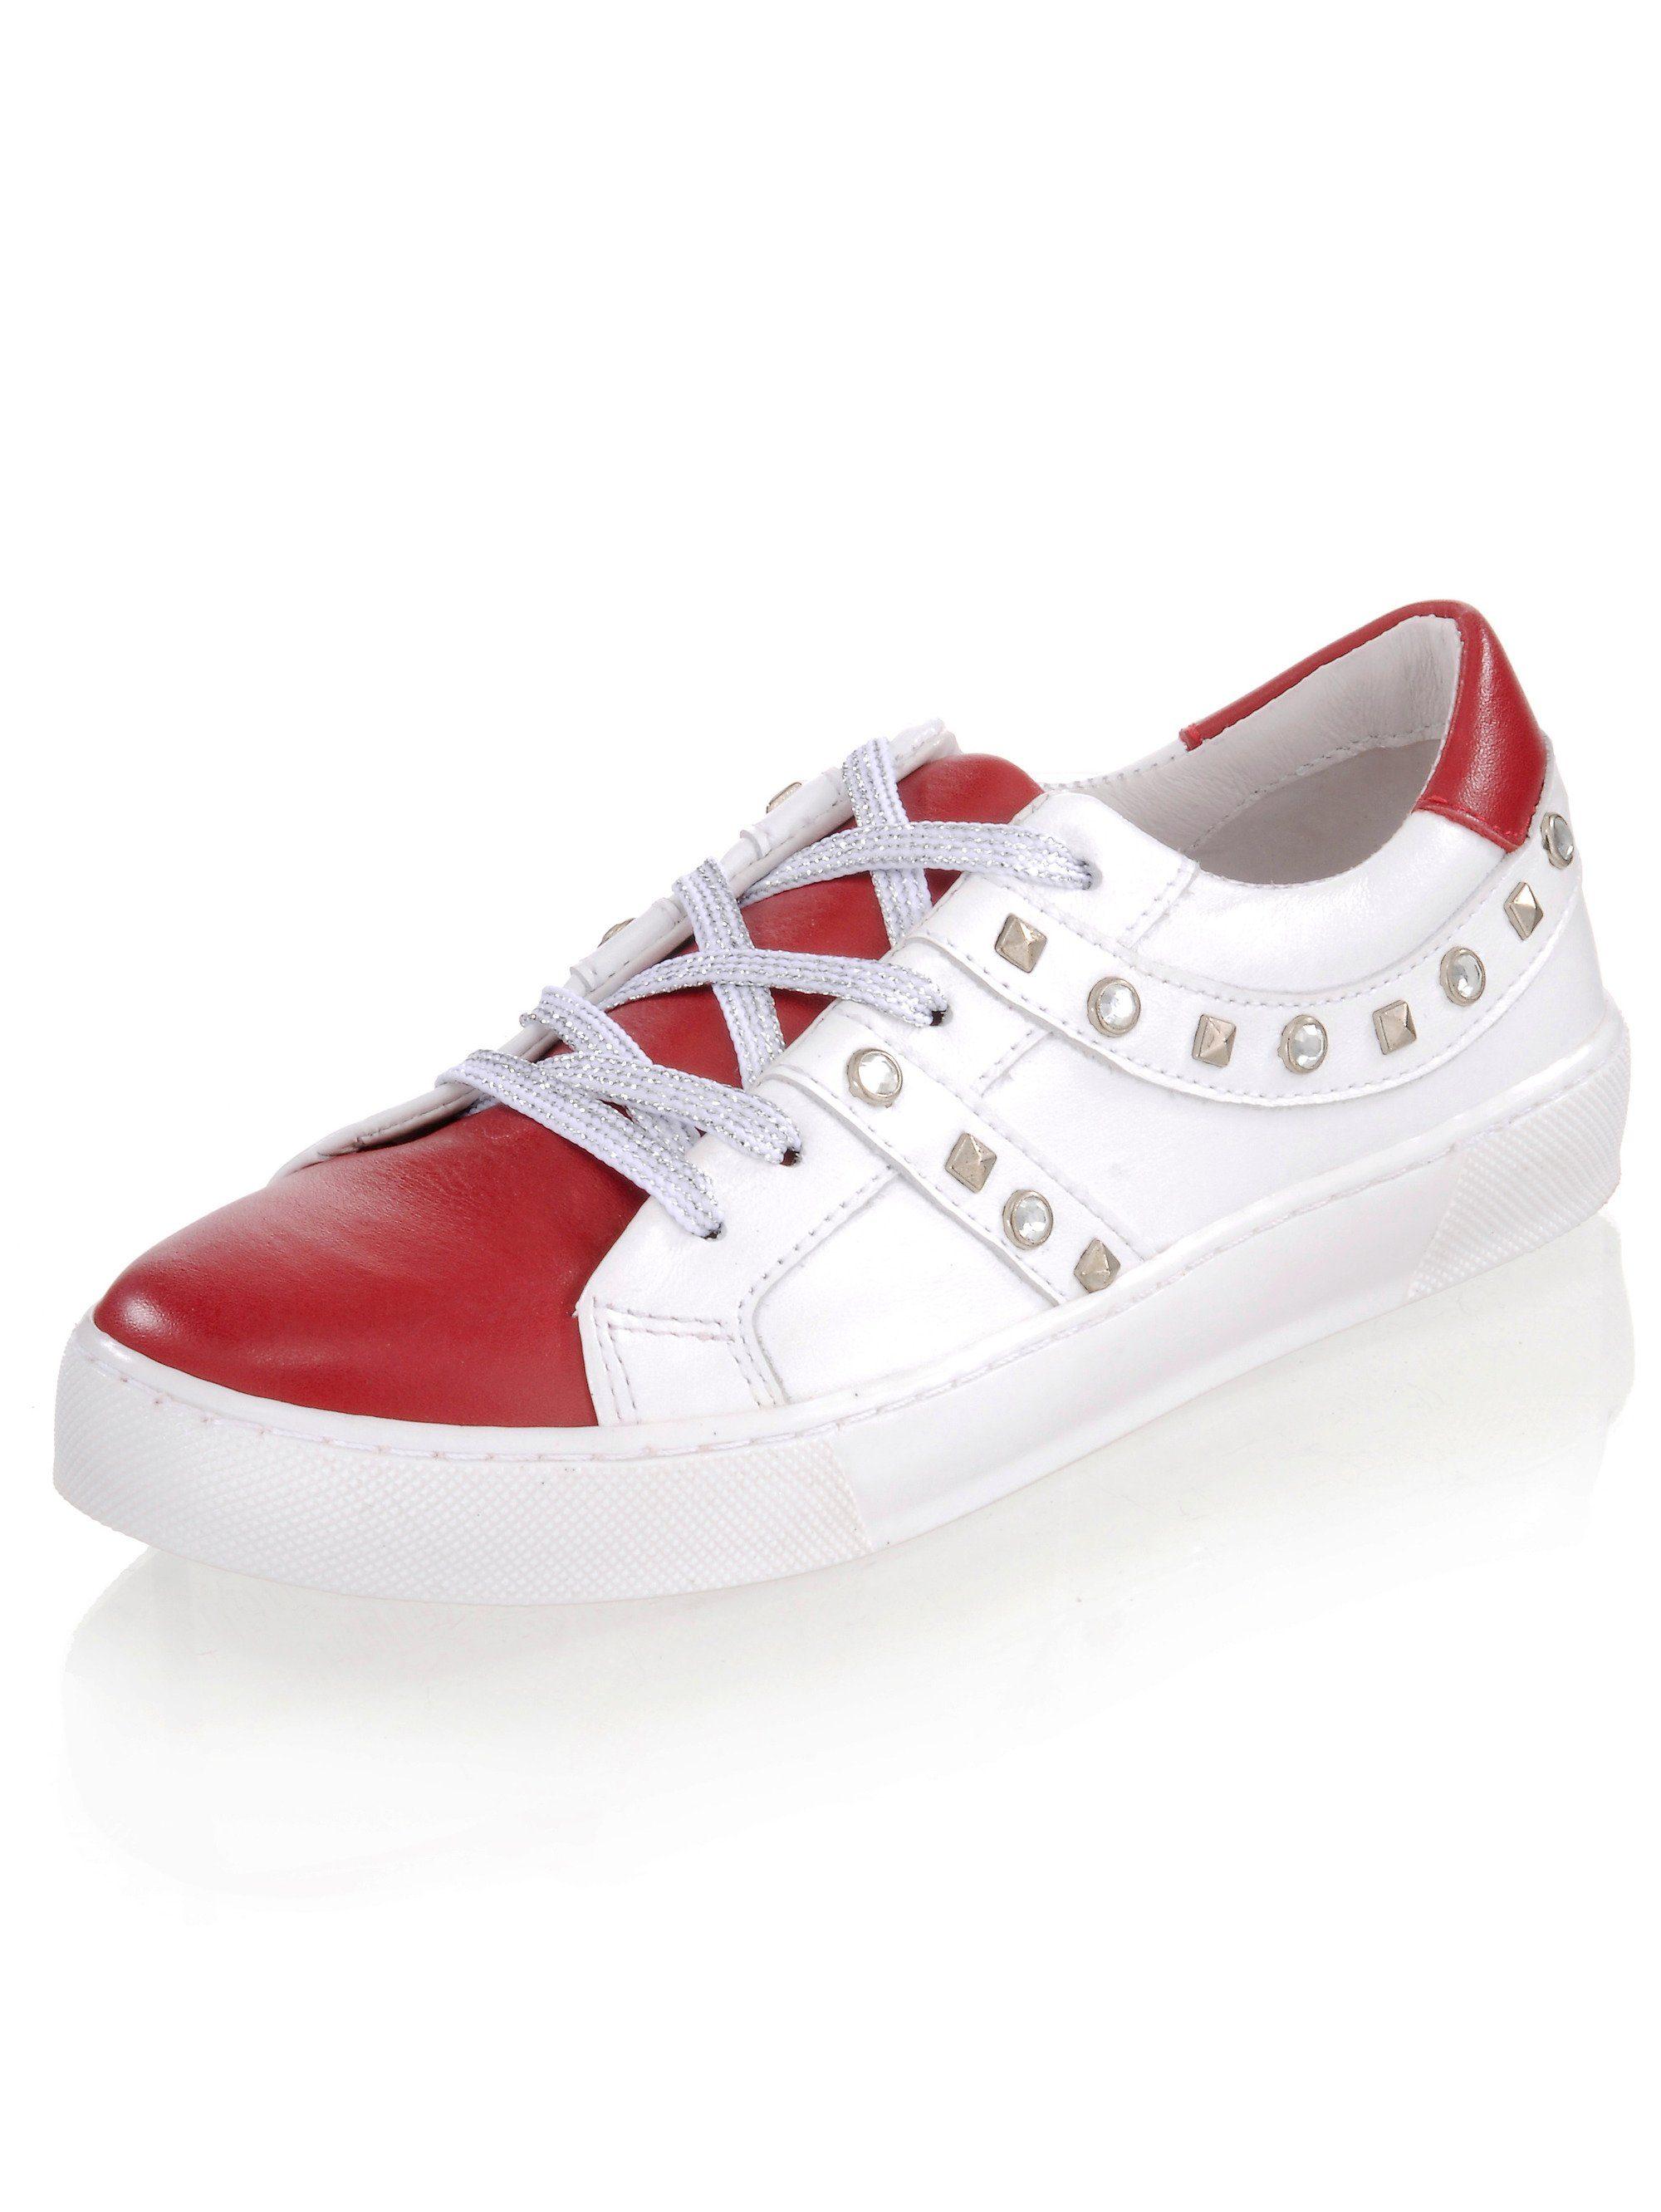 Alba Moda Sneaker mit silberfarbenen Nieten kaufen  rot#ft5_slash#weiß